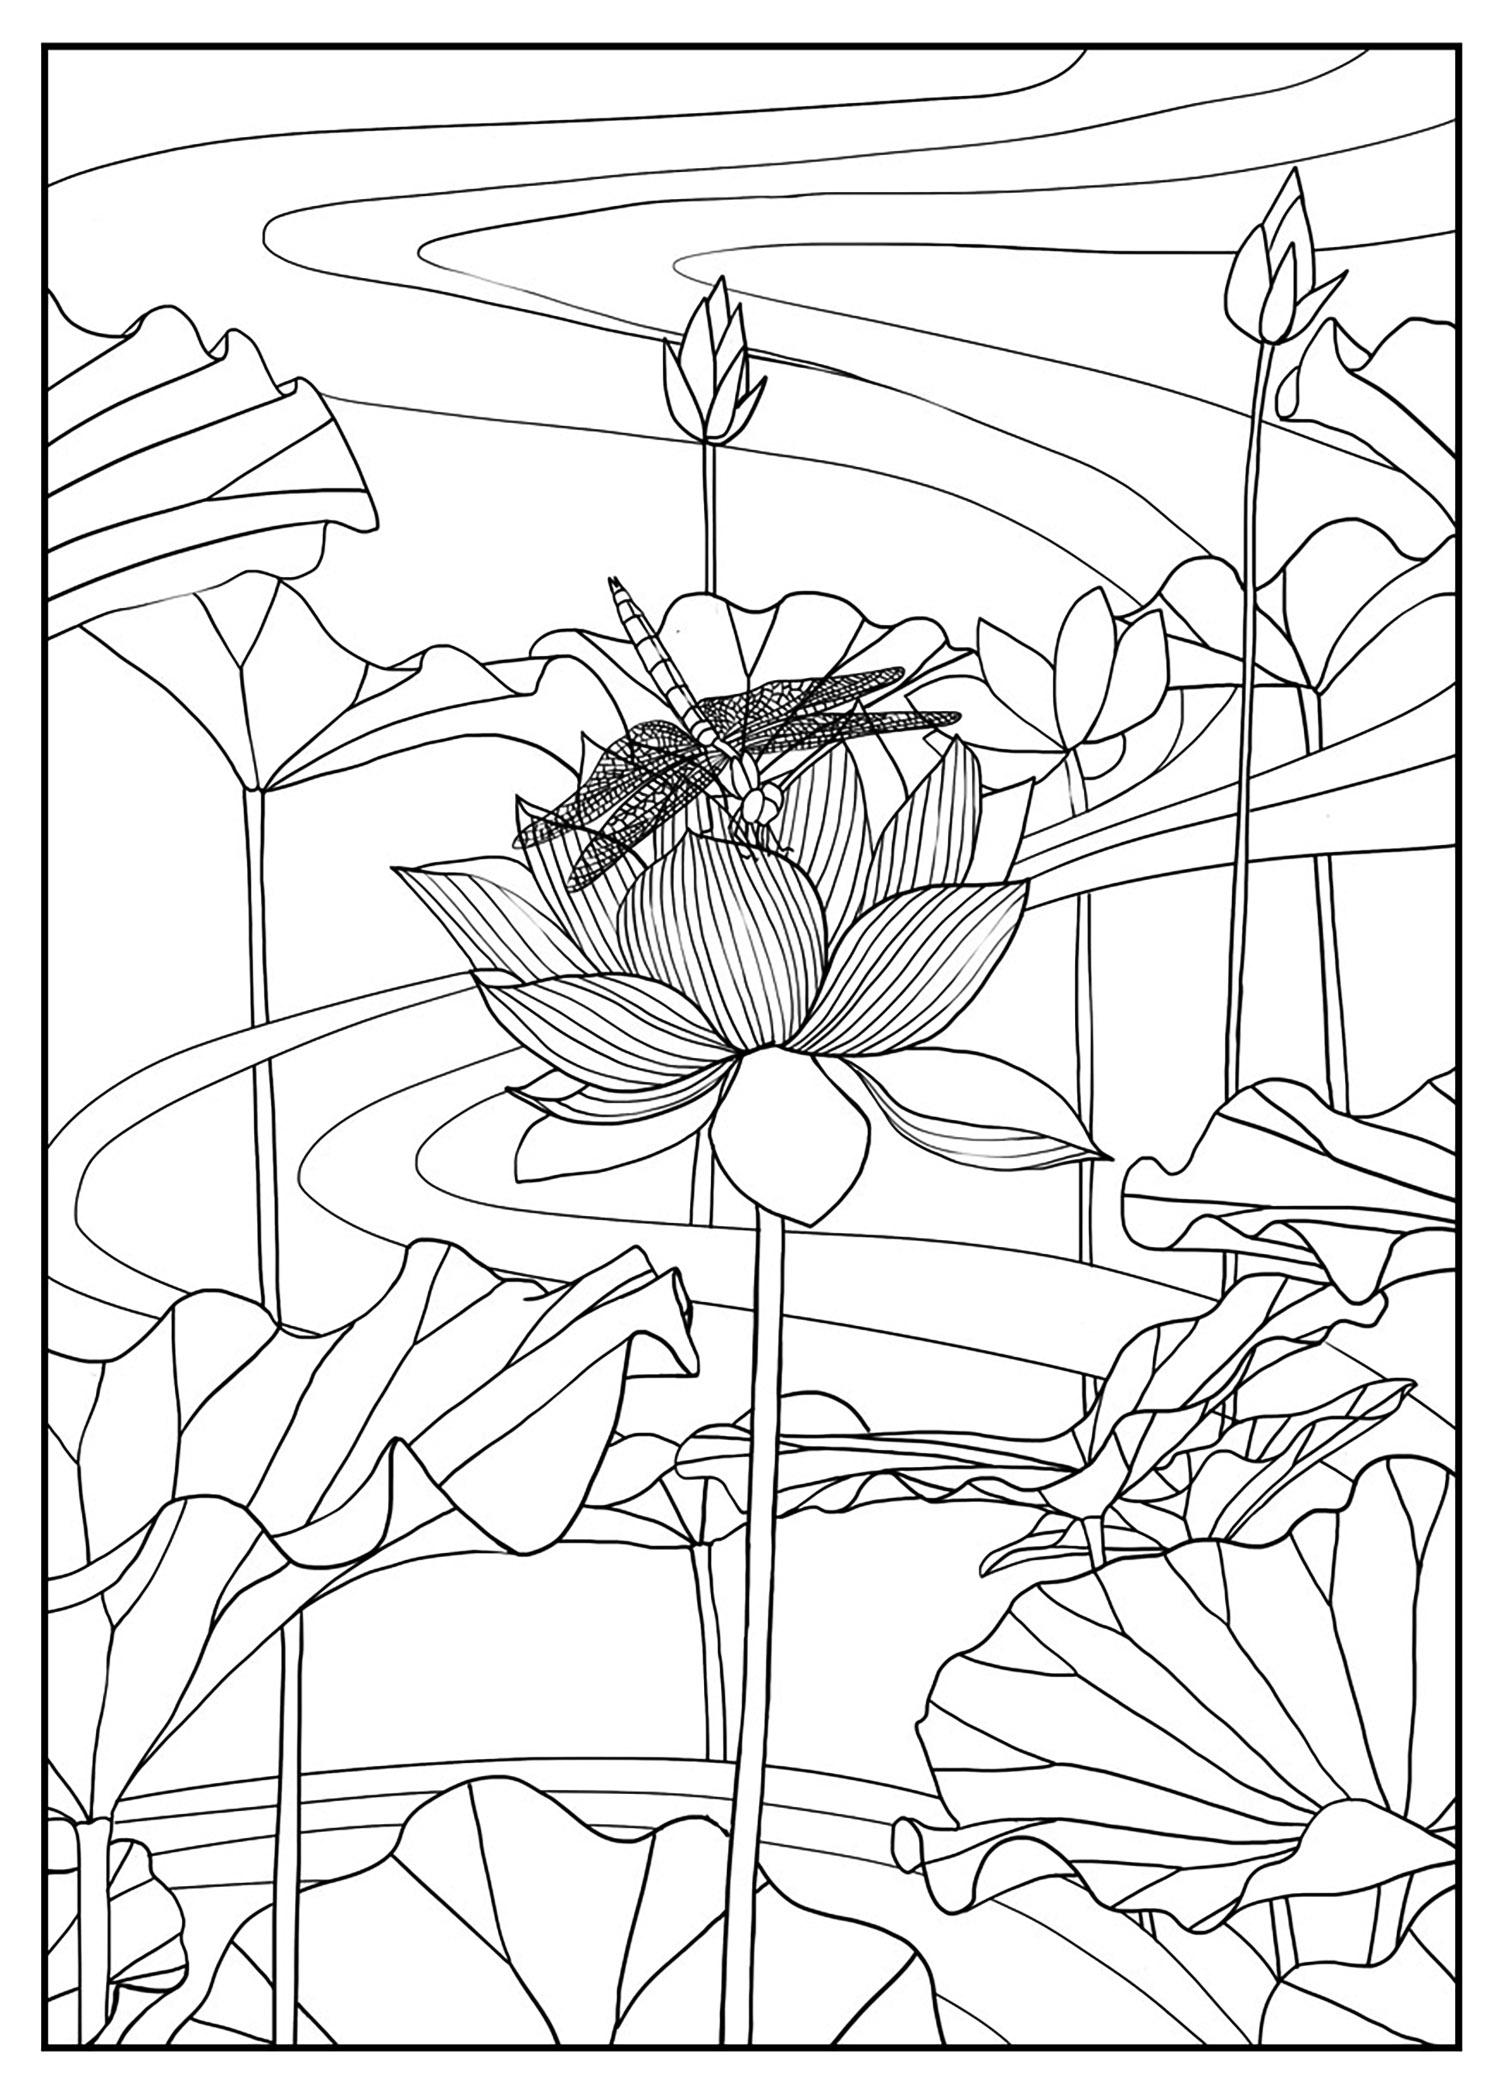 Disegni da colorare per adulti : Fiori e vegetazione - 53